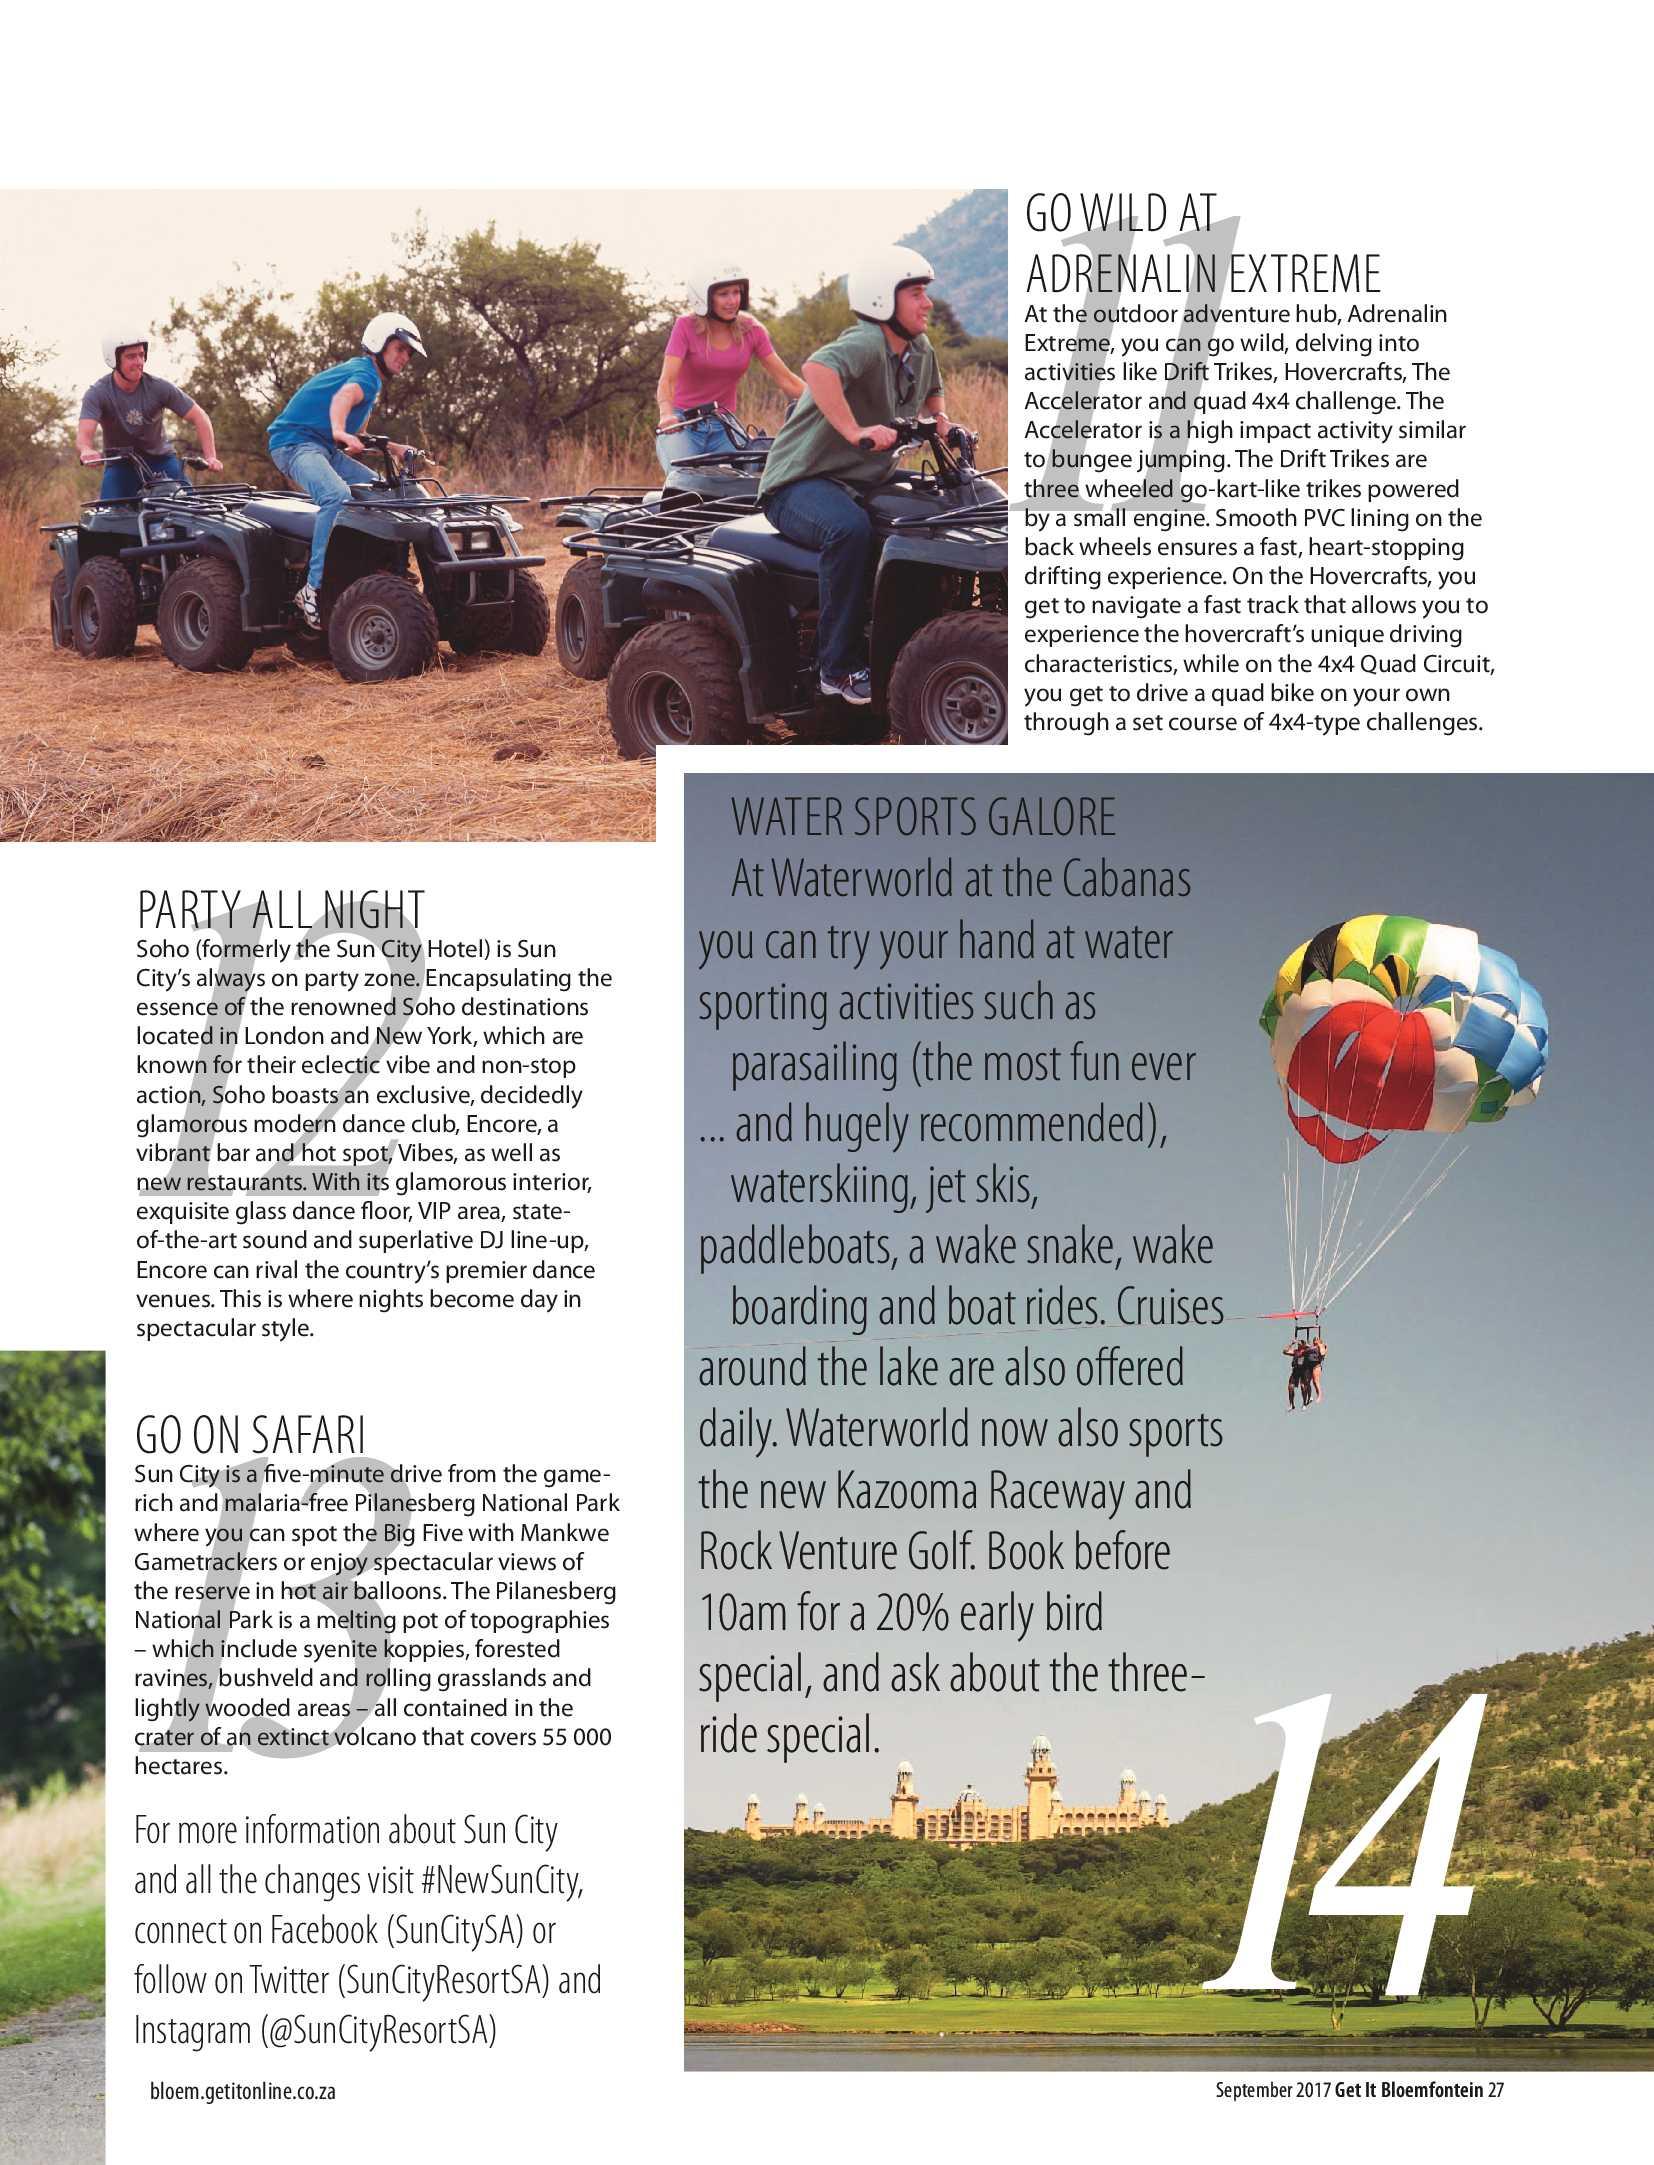 get-bloemfontein-september-2017-epapers-page-29